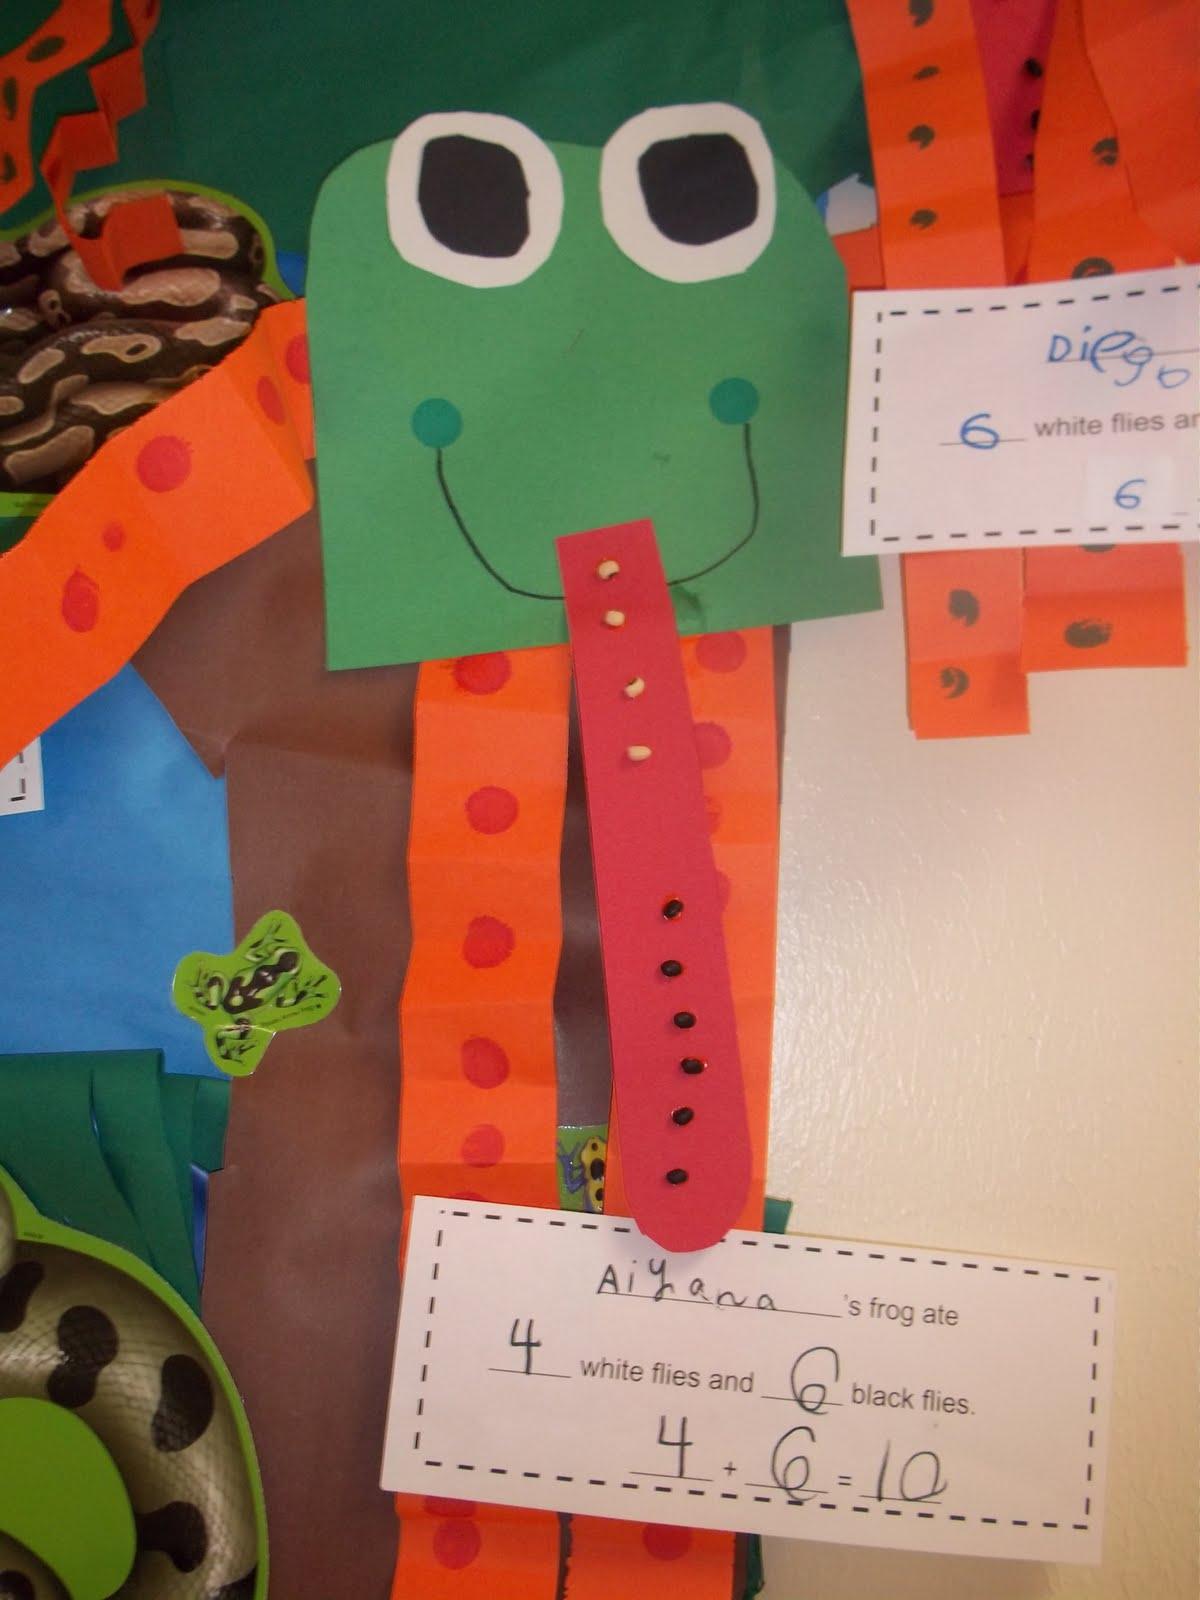 Kinder Garden: Mrs. Wood's Kindergarten Class: Tree Frogs